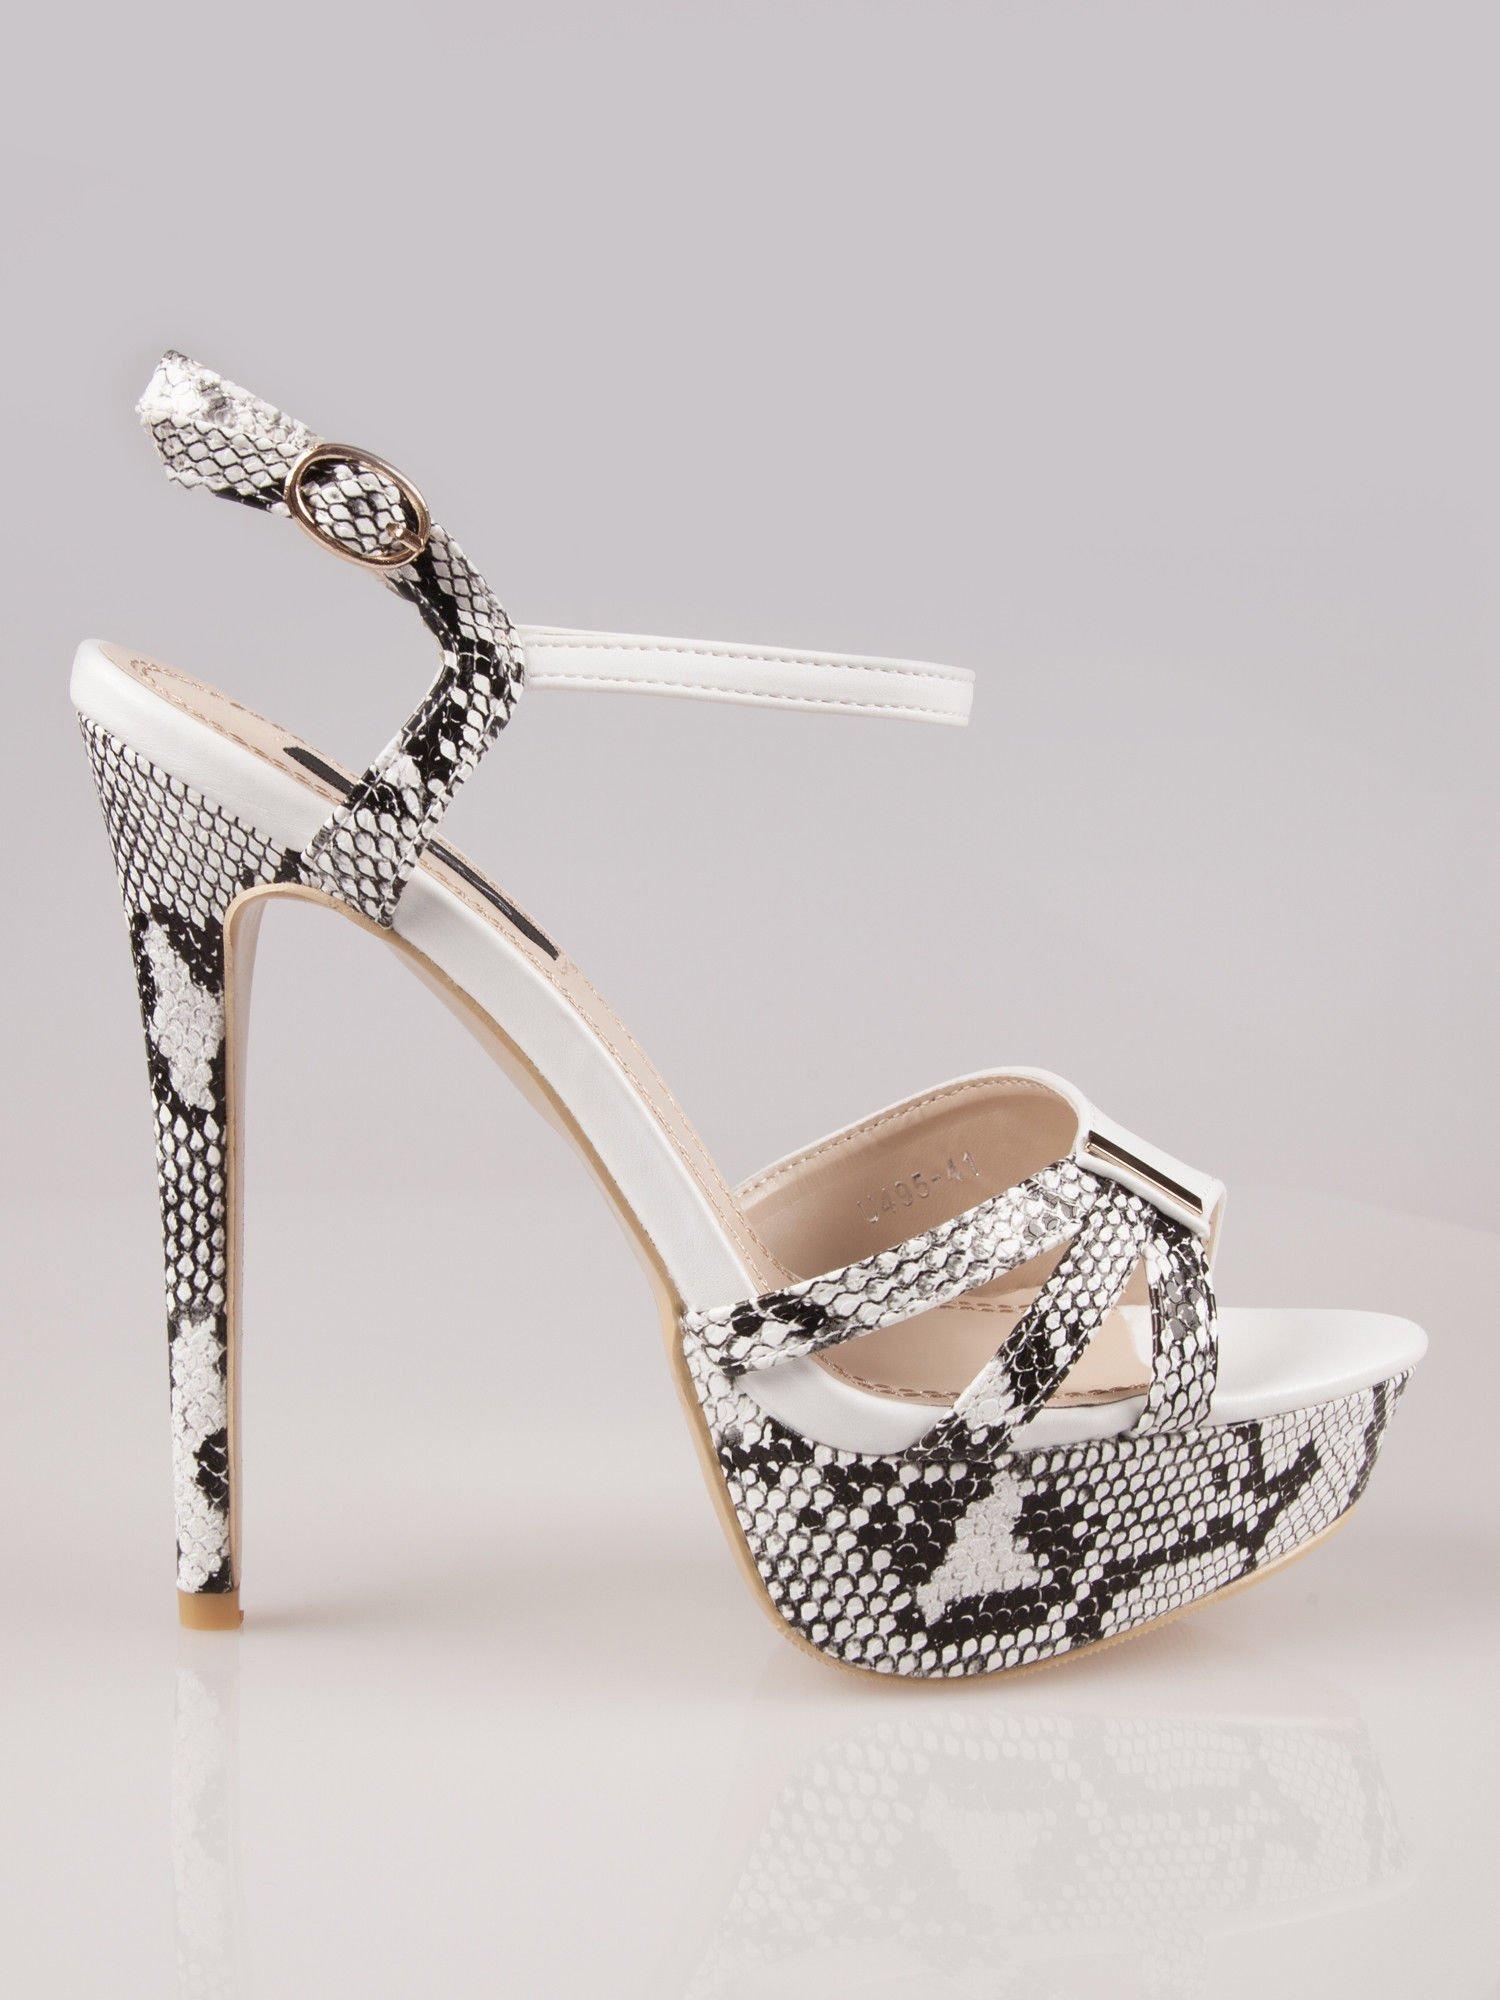 Białe wężowe sandały na szpilce zapinane na kostce Amber                                  zdj.                                  1